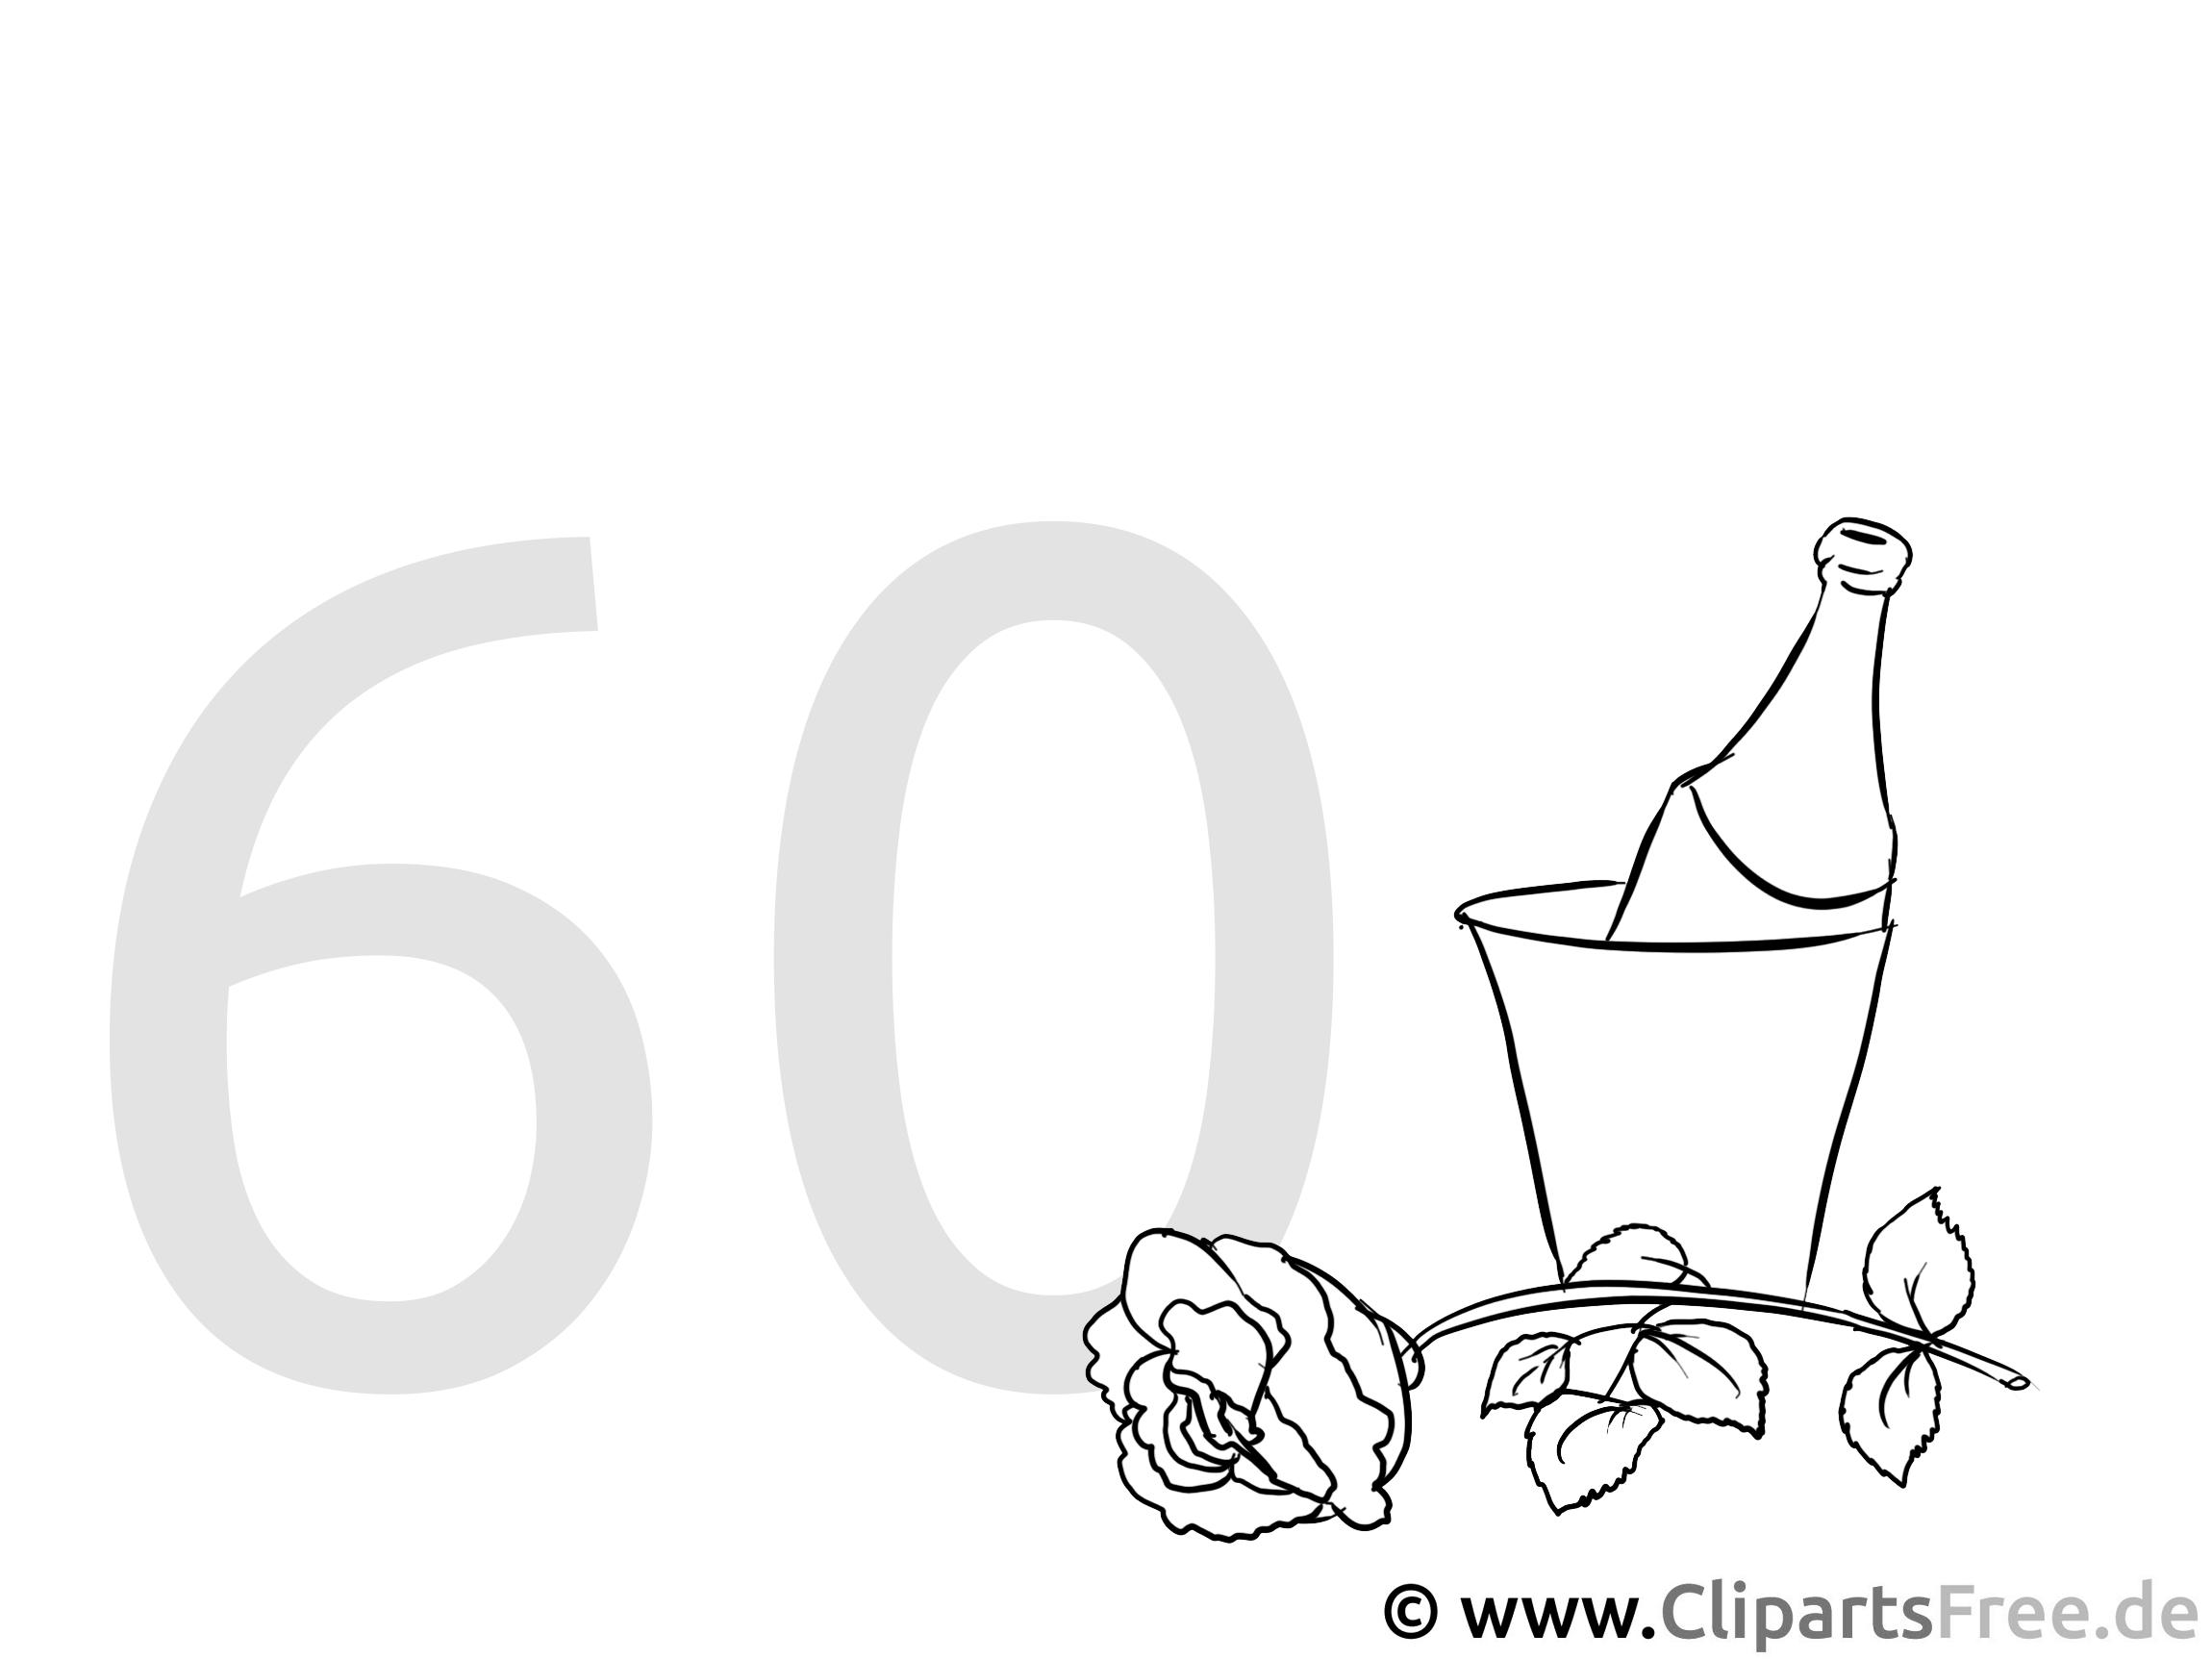 Ausmalbilder Geburtstag Opa : Ausmalbild Zum 60 Geburtstag Ausmalbilder